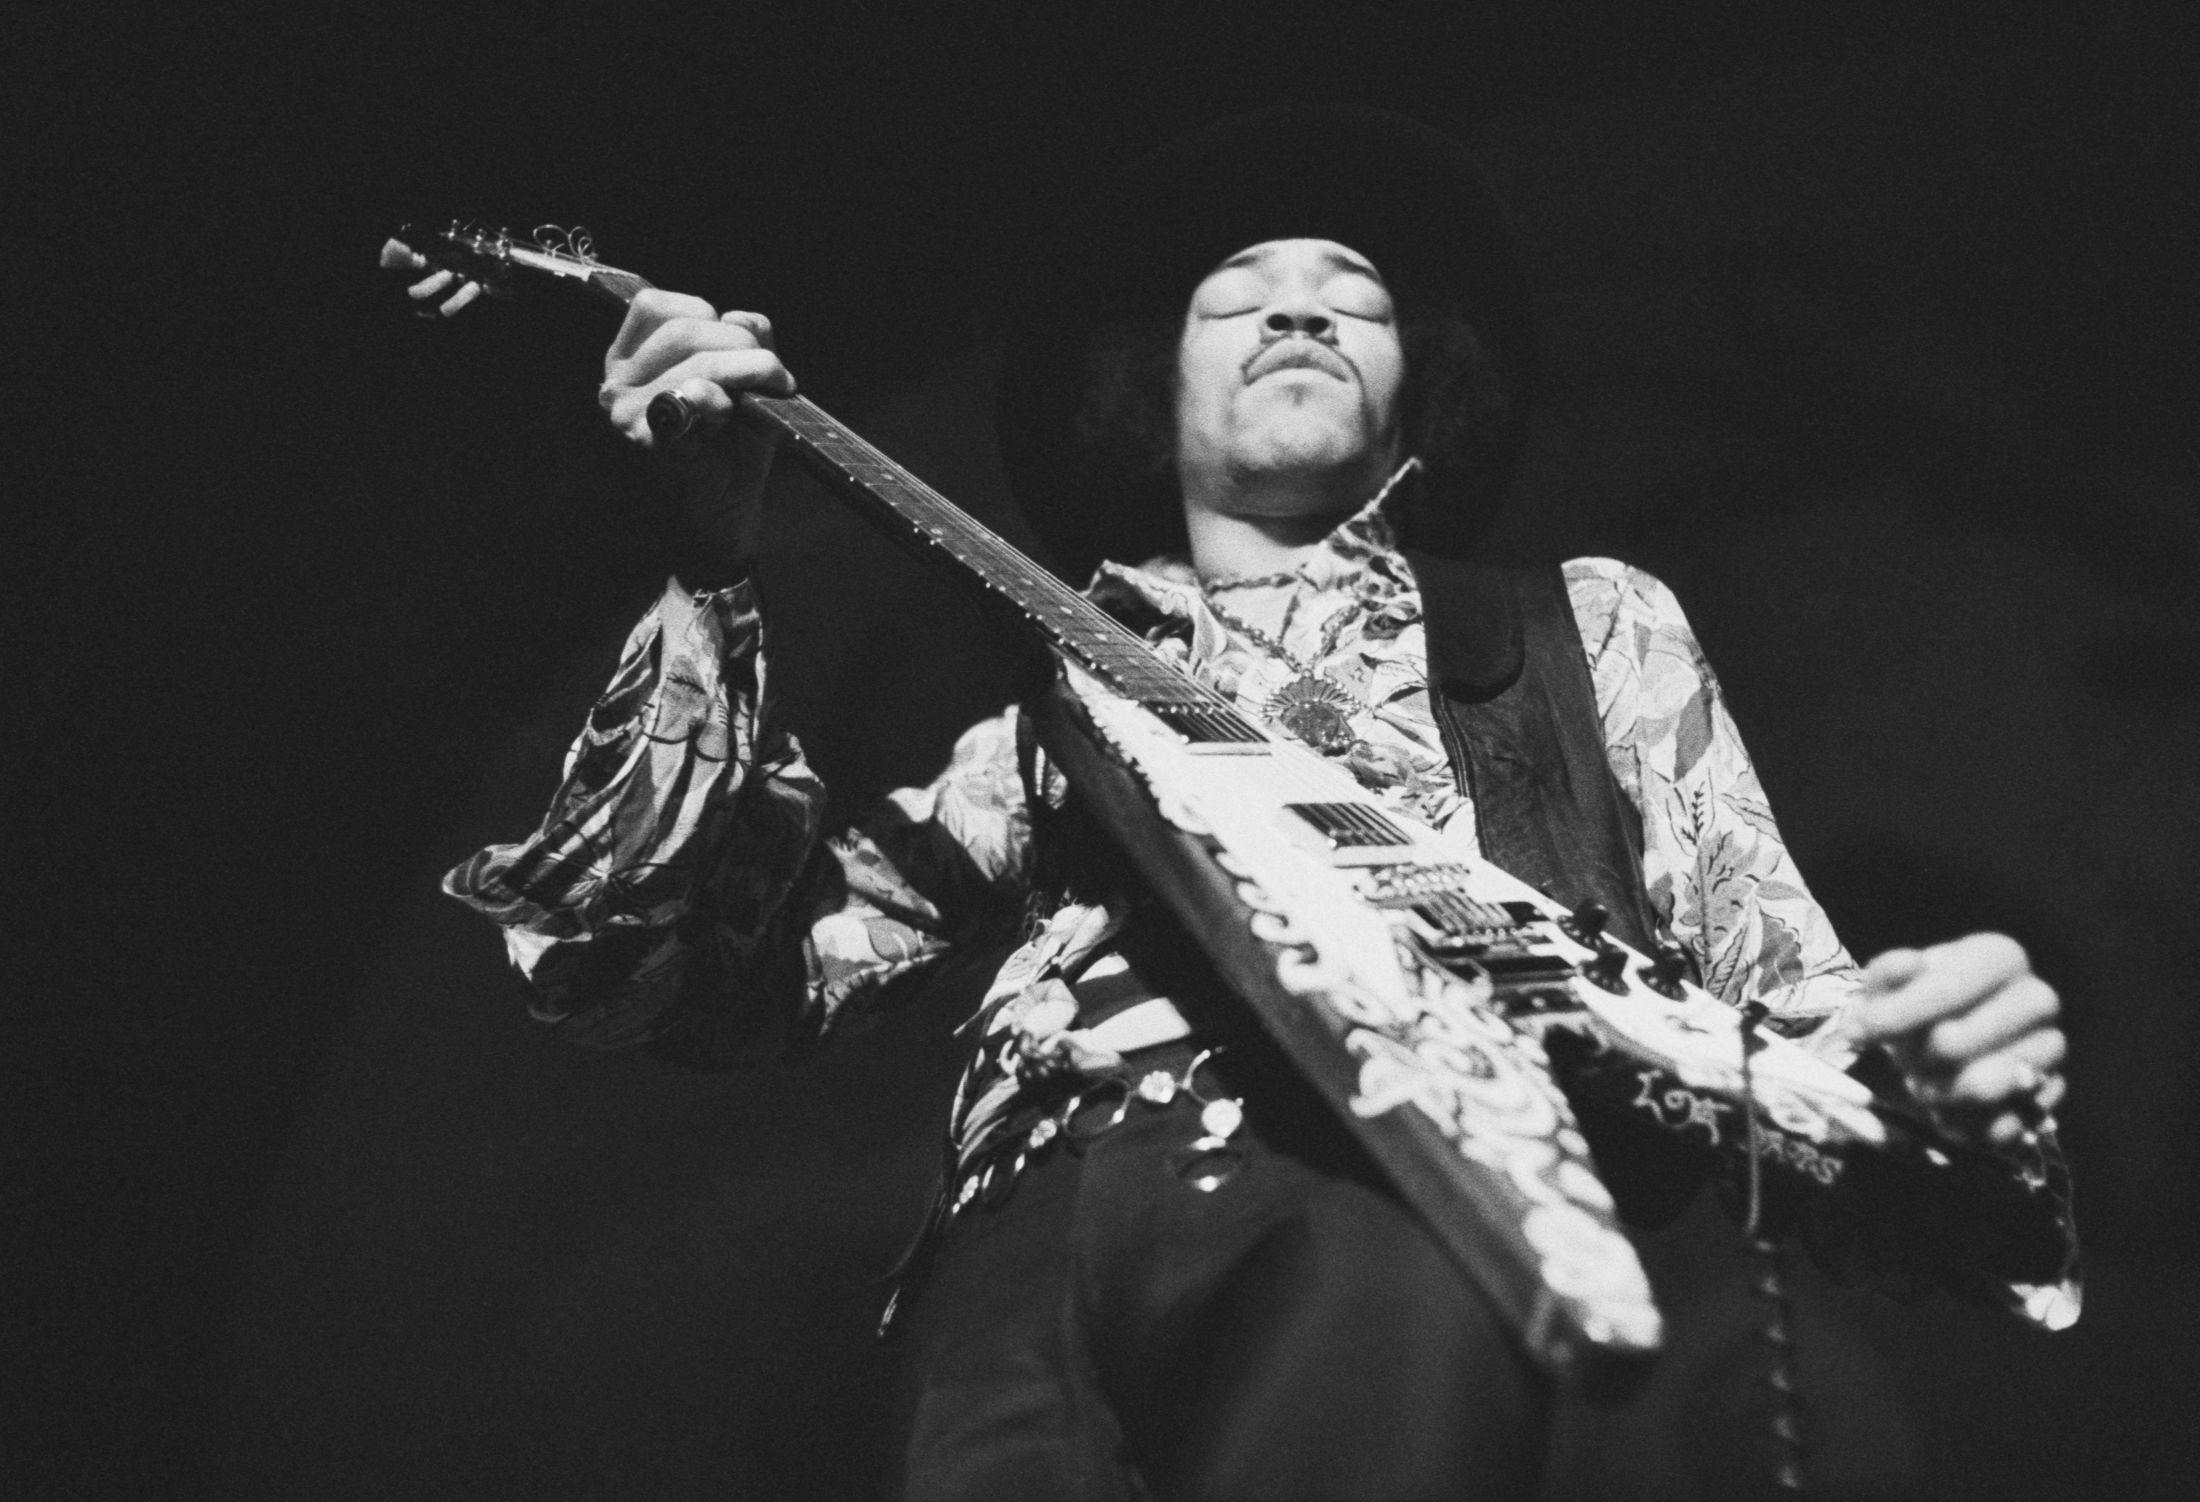 An Expo Celebrating Jimi Hendrix in London – Fubiz Media Design